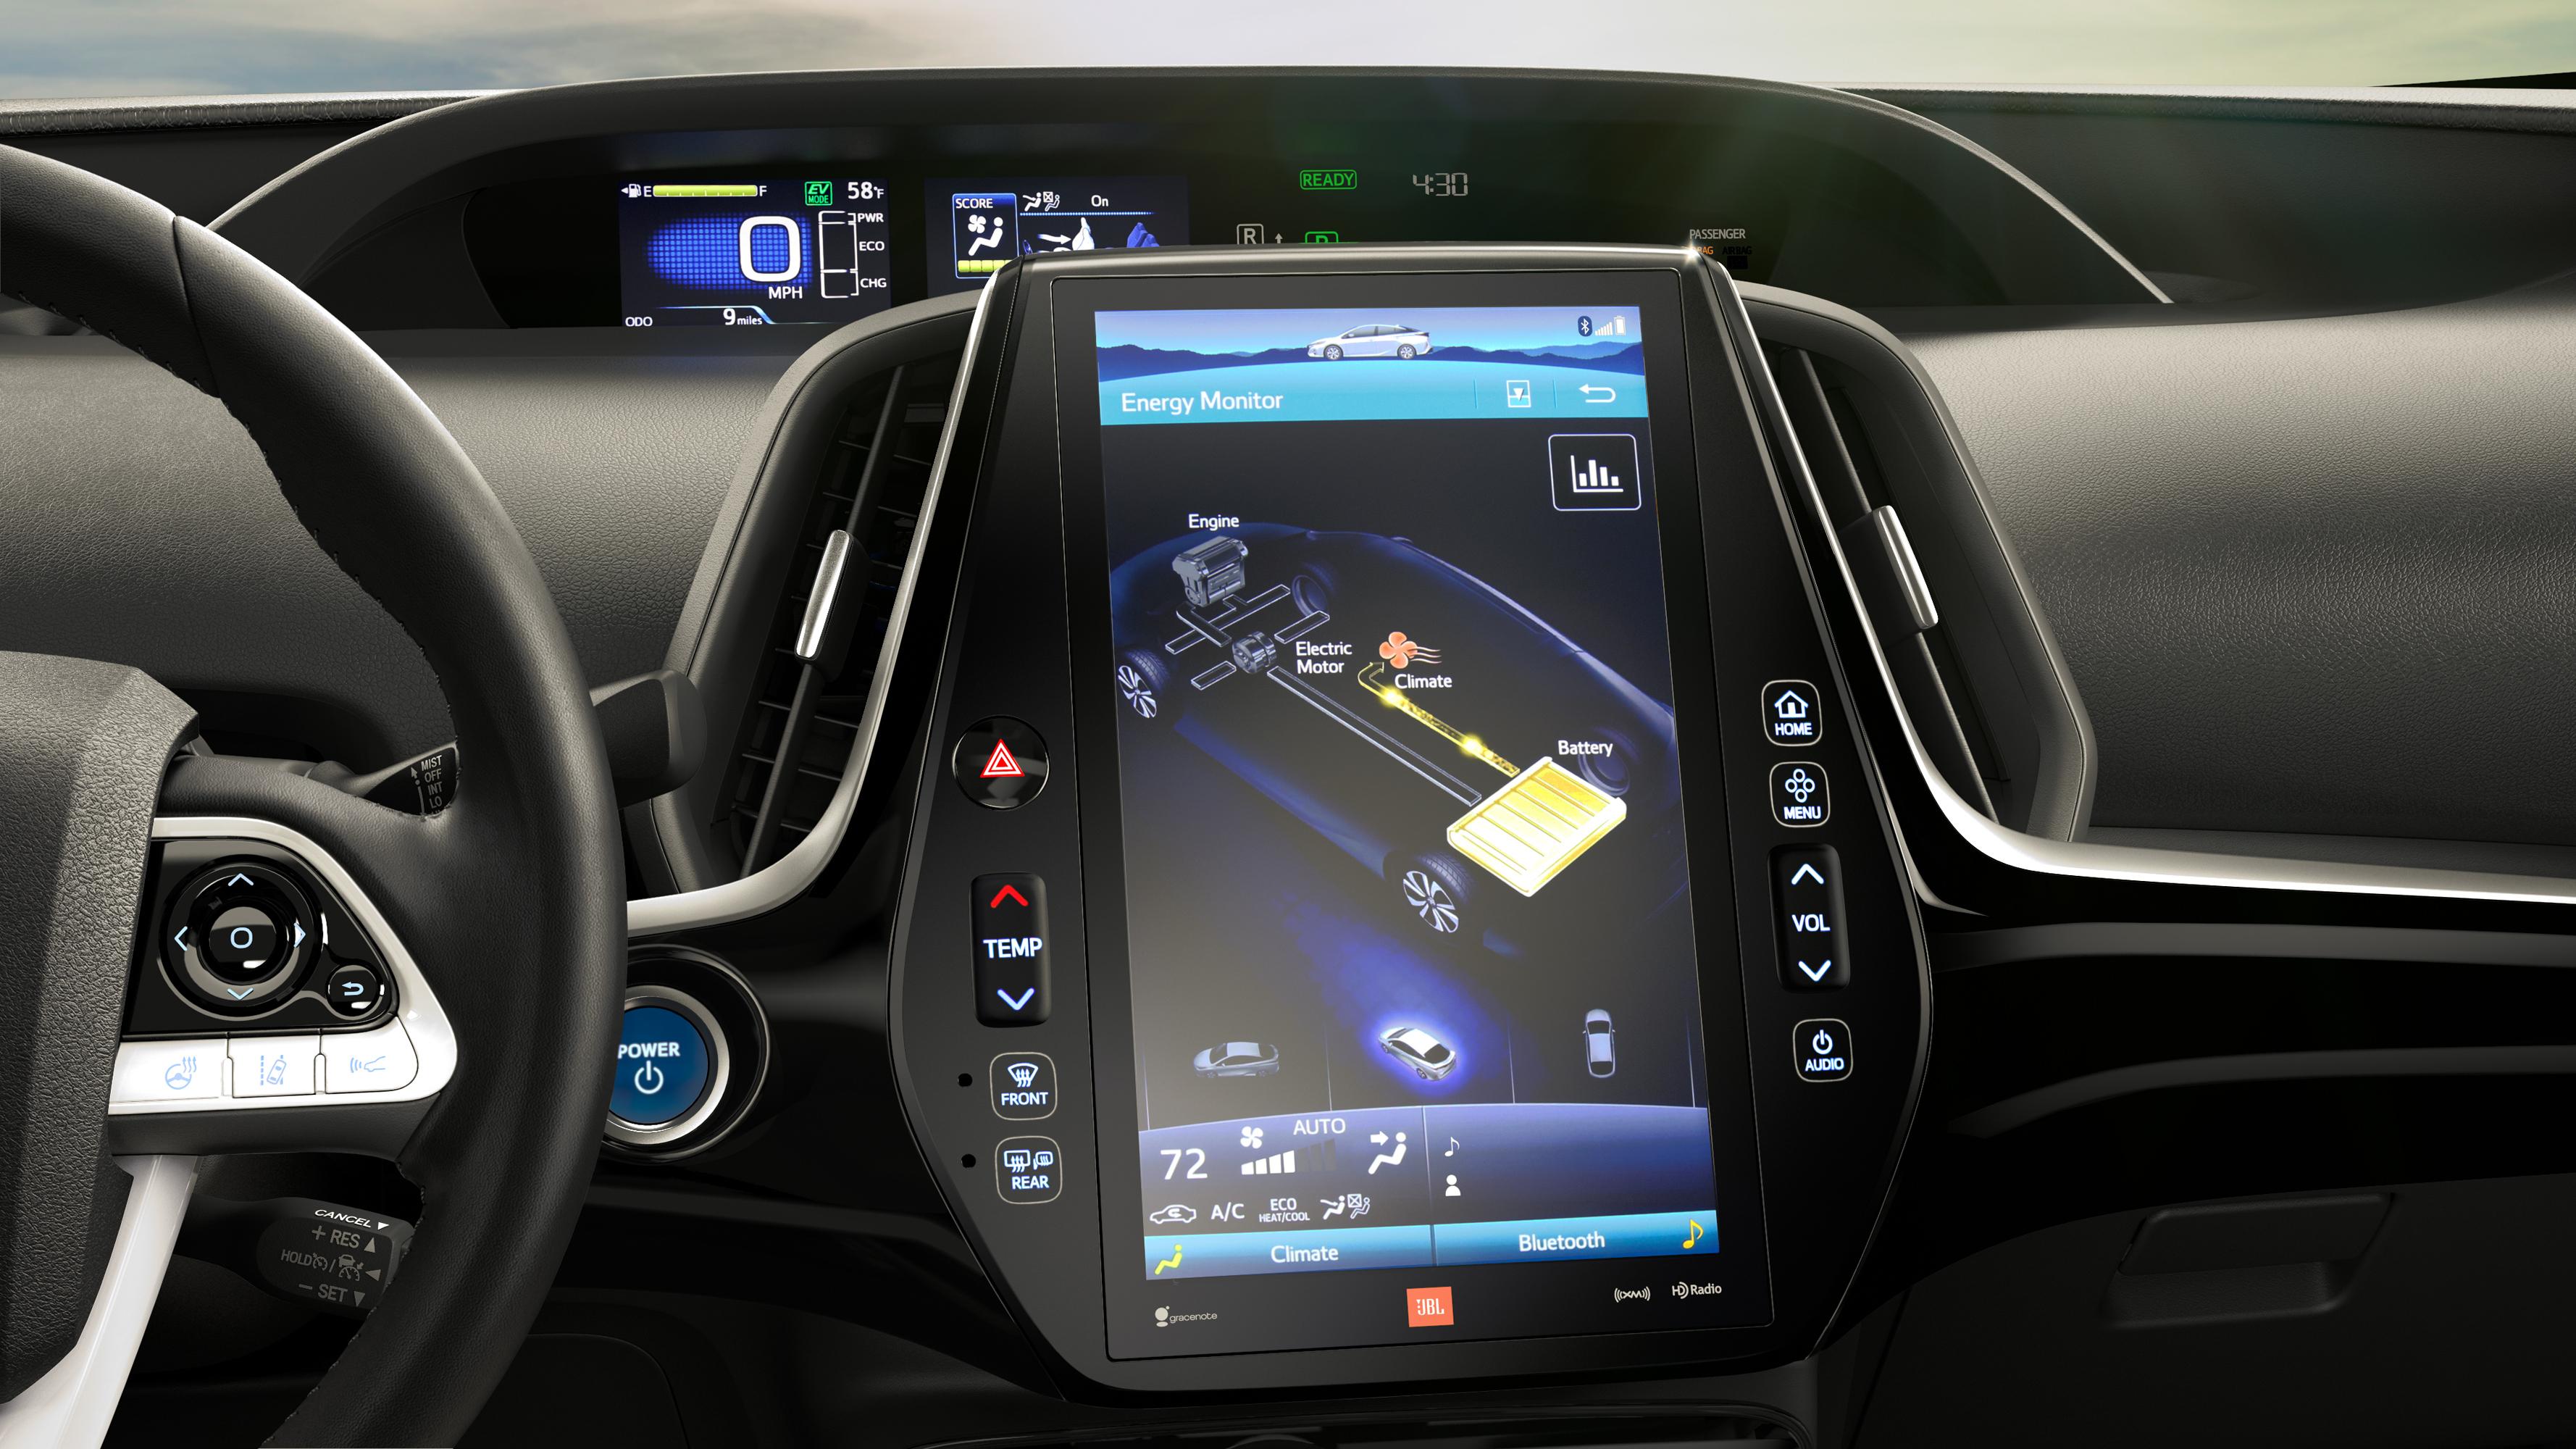 2017 Toyota Prius Prime 06 0981b83c4e79f1558857a8bead1854fc04384214 07 Ab4ad851ff5289059a23886f9cd4b5c9e601b2f0